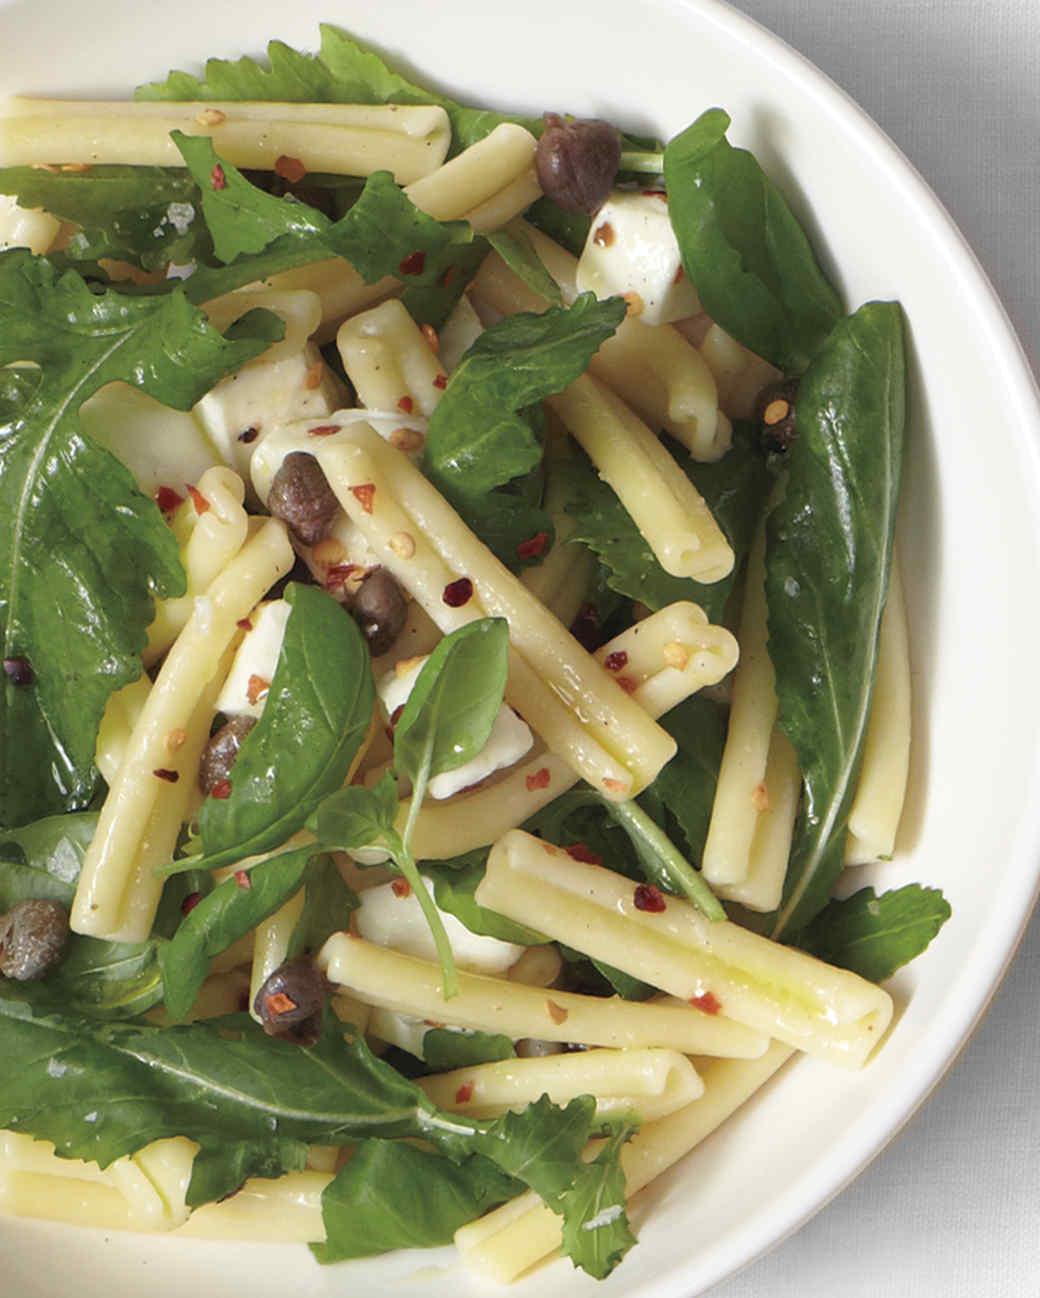 pasta-arugula-and-mozzarella-salad-0615-d107287-0615.jpg